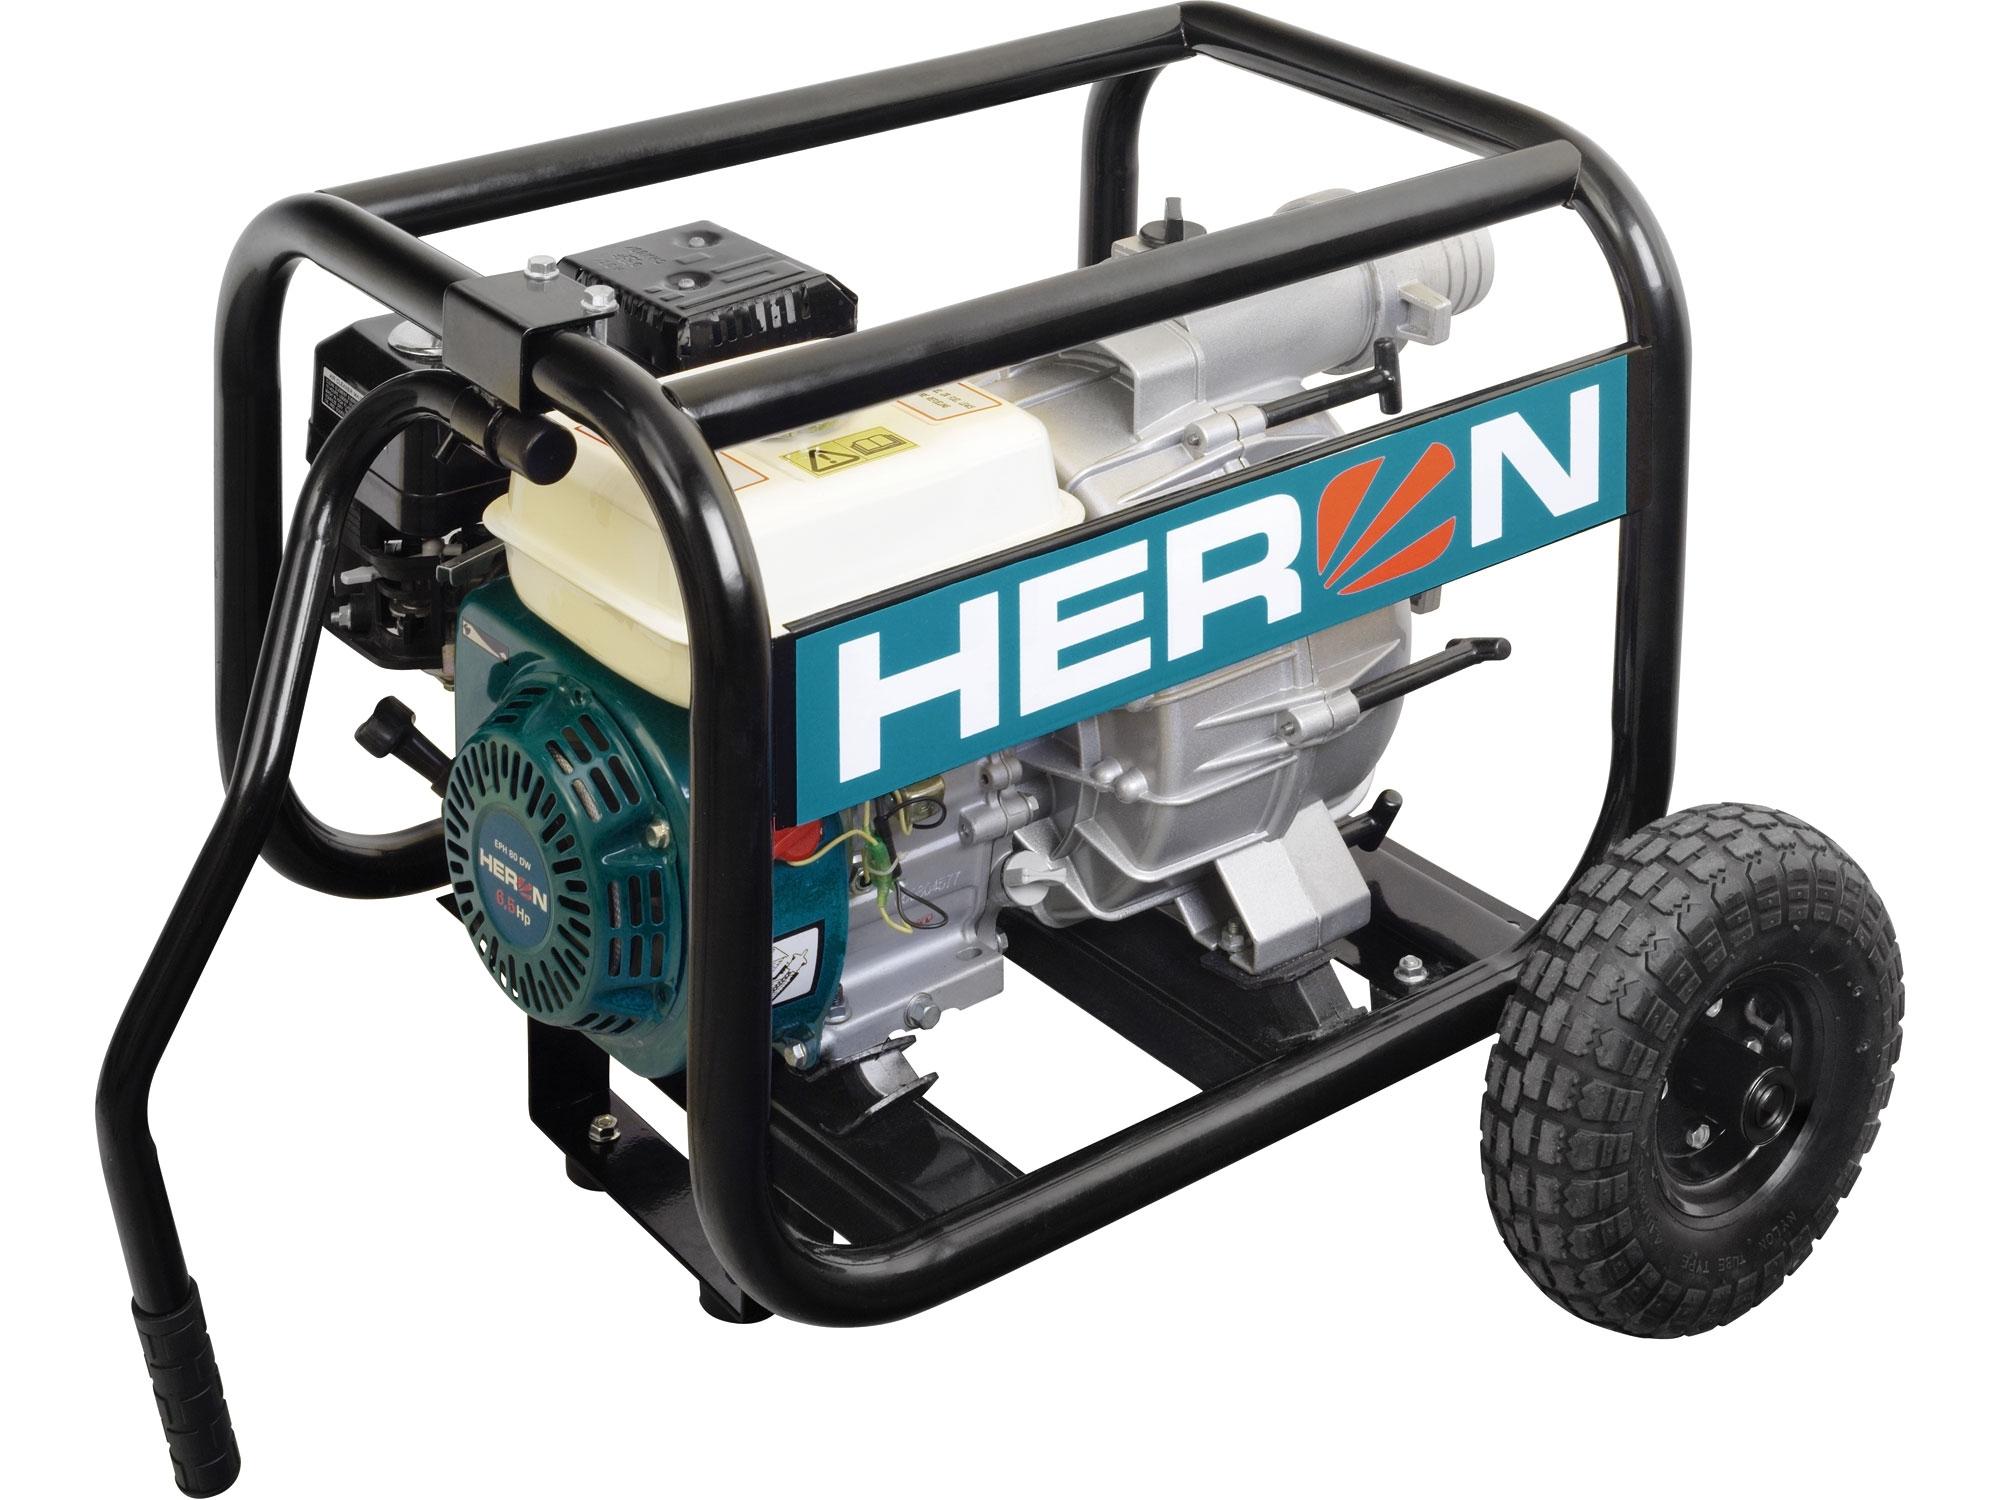 čerpadlo motorové kalové 6,5HP, 1300l/min, HERON, EMPH 80 W 8895105